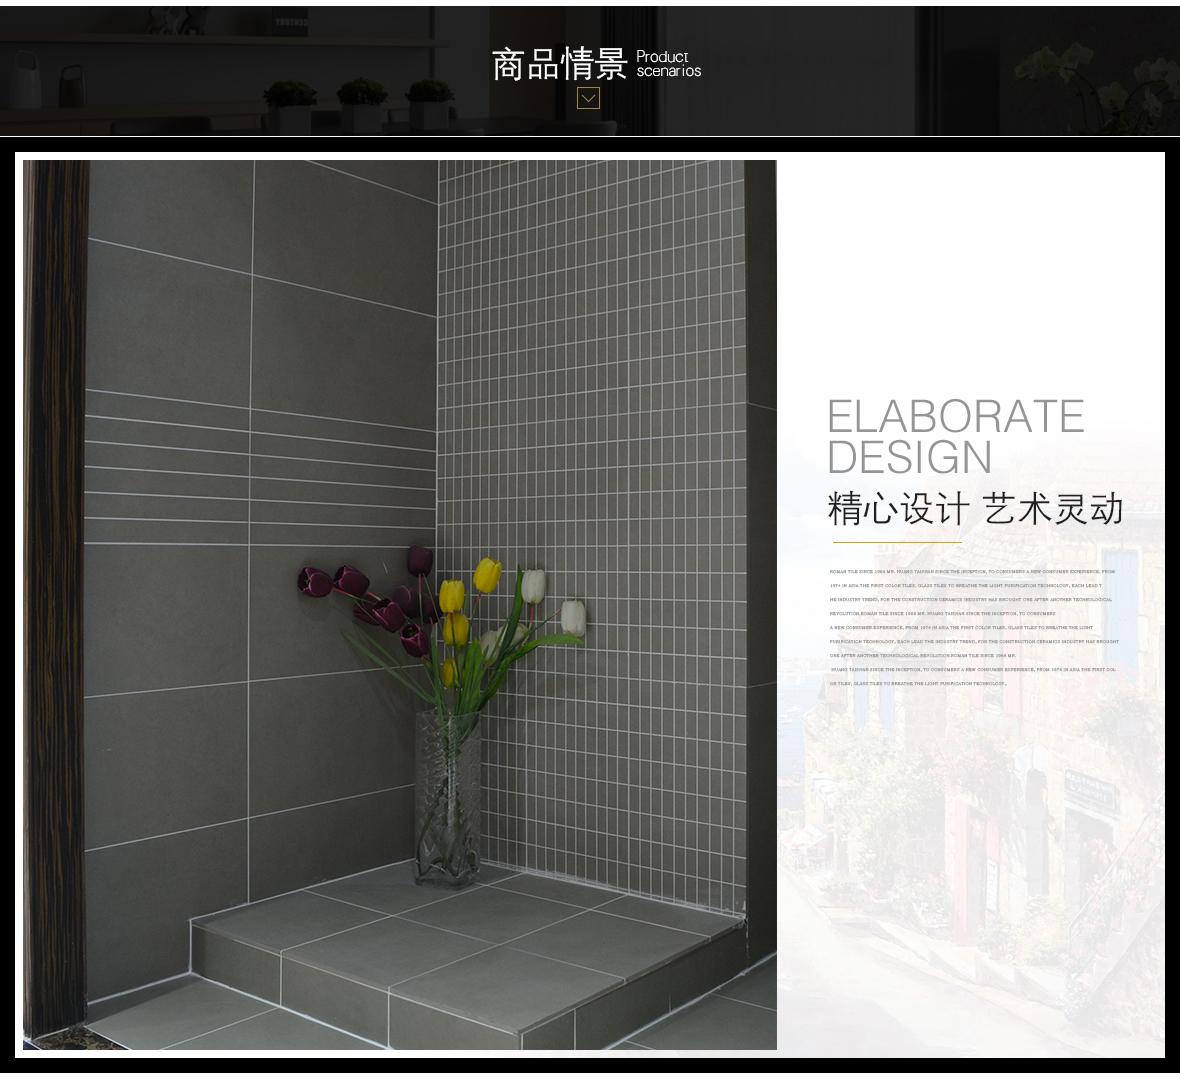 罗马磁砖 503地型号环保瓷质地砖 厨房卫生间地砖/主砖/大砖 情景